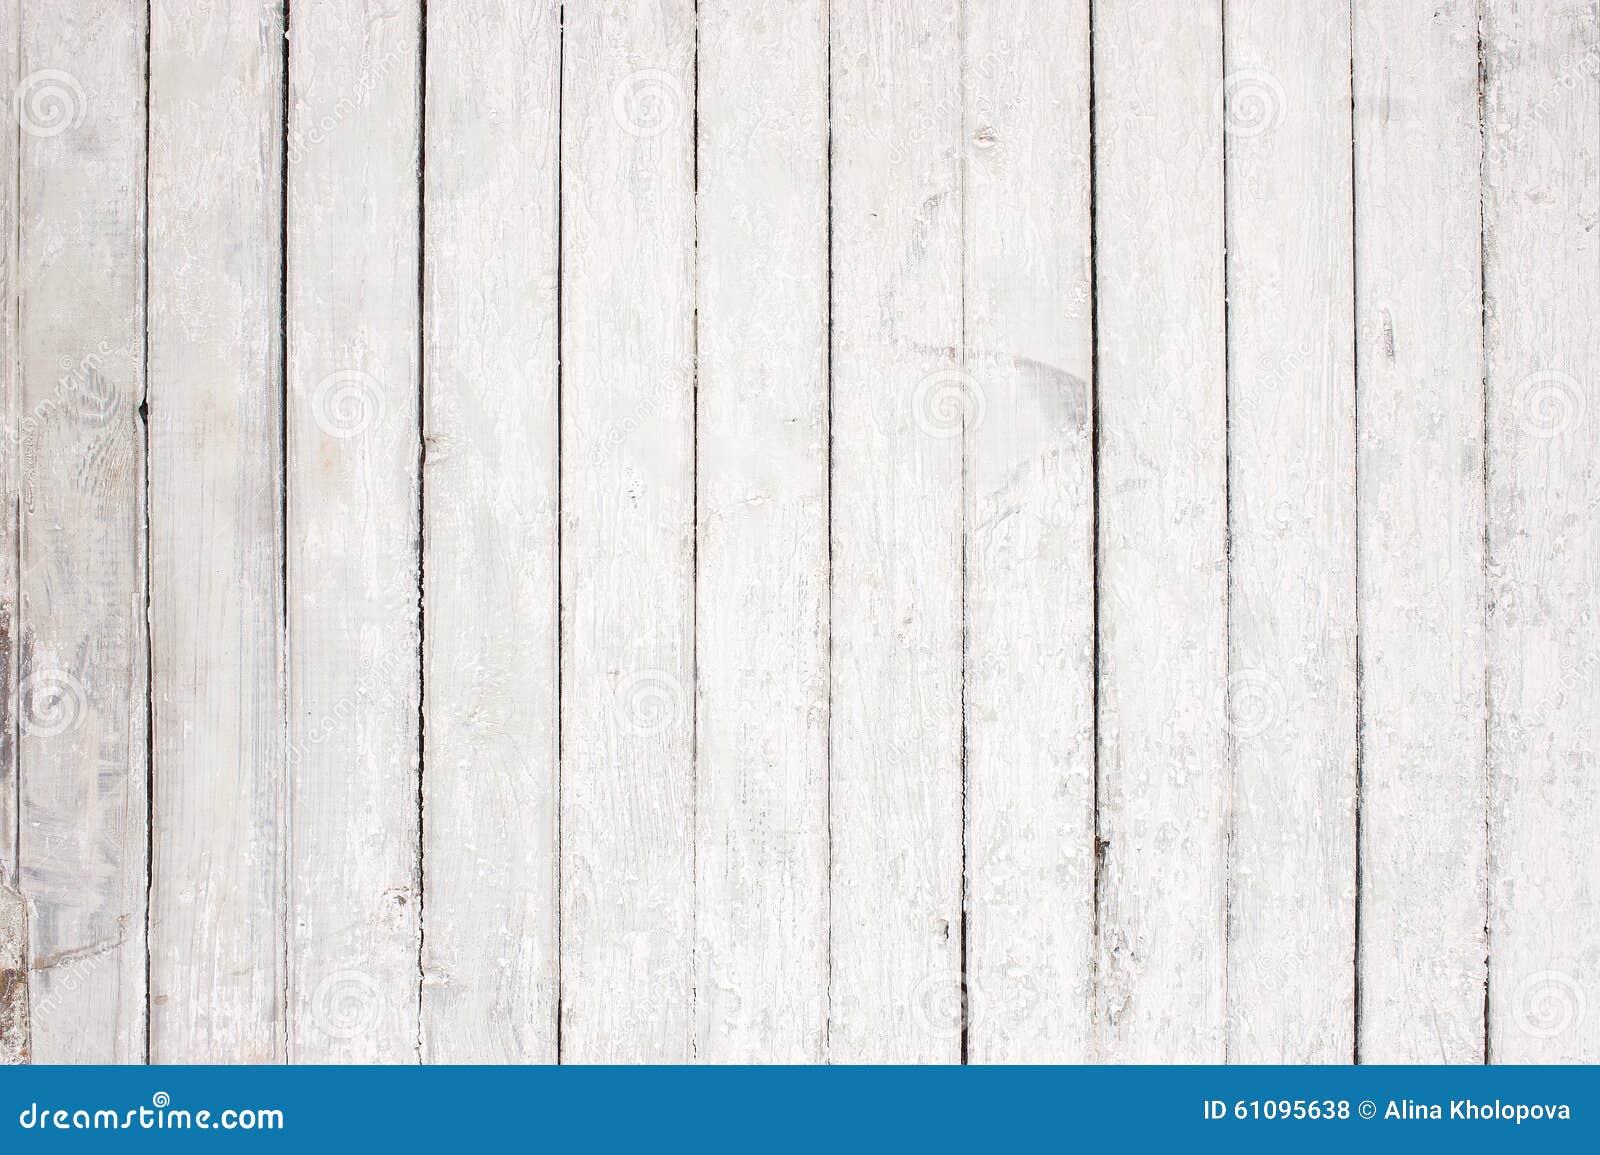 Pared de madera blanca con la pintura vieja foto de - Pintura lacada blanca para madera ...